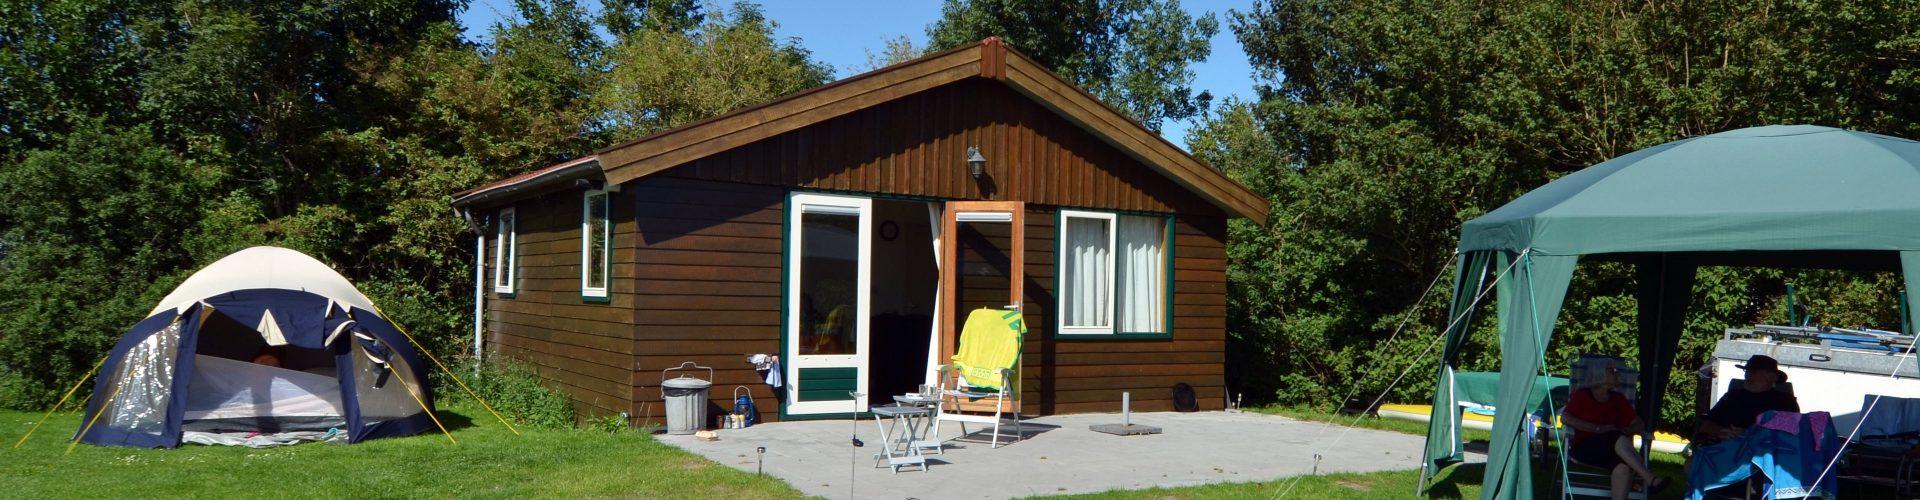 vakantiehuis in friesland, Sint Annaparochie